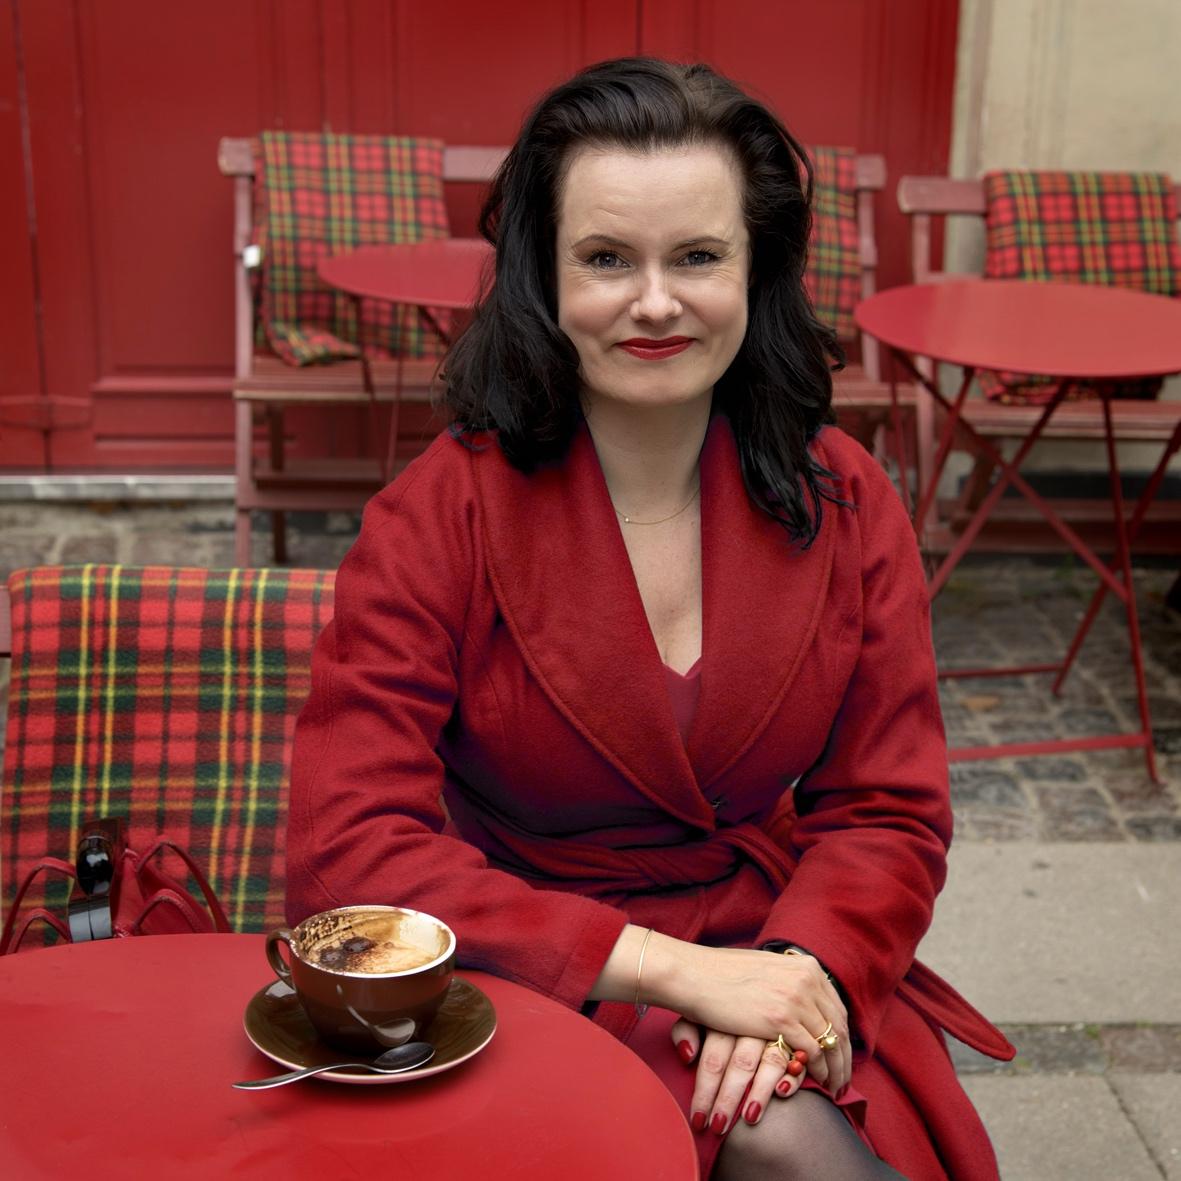 Forfatter Leonora Christina Skov i vores røde retro vinter frakke